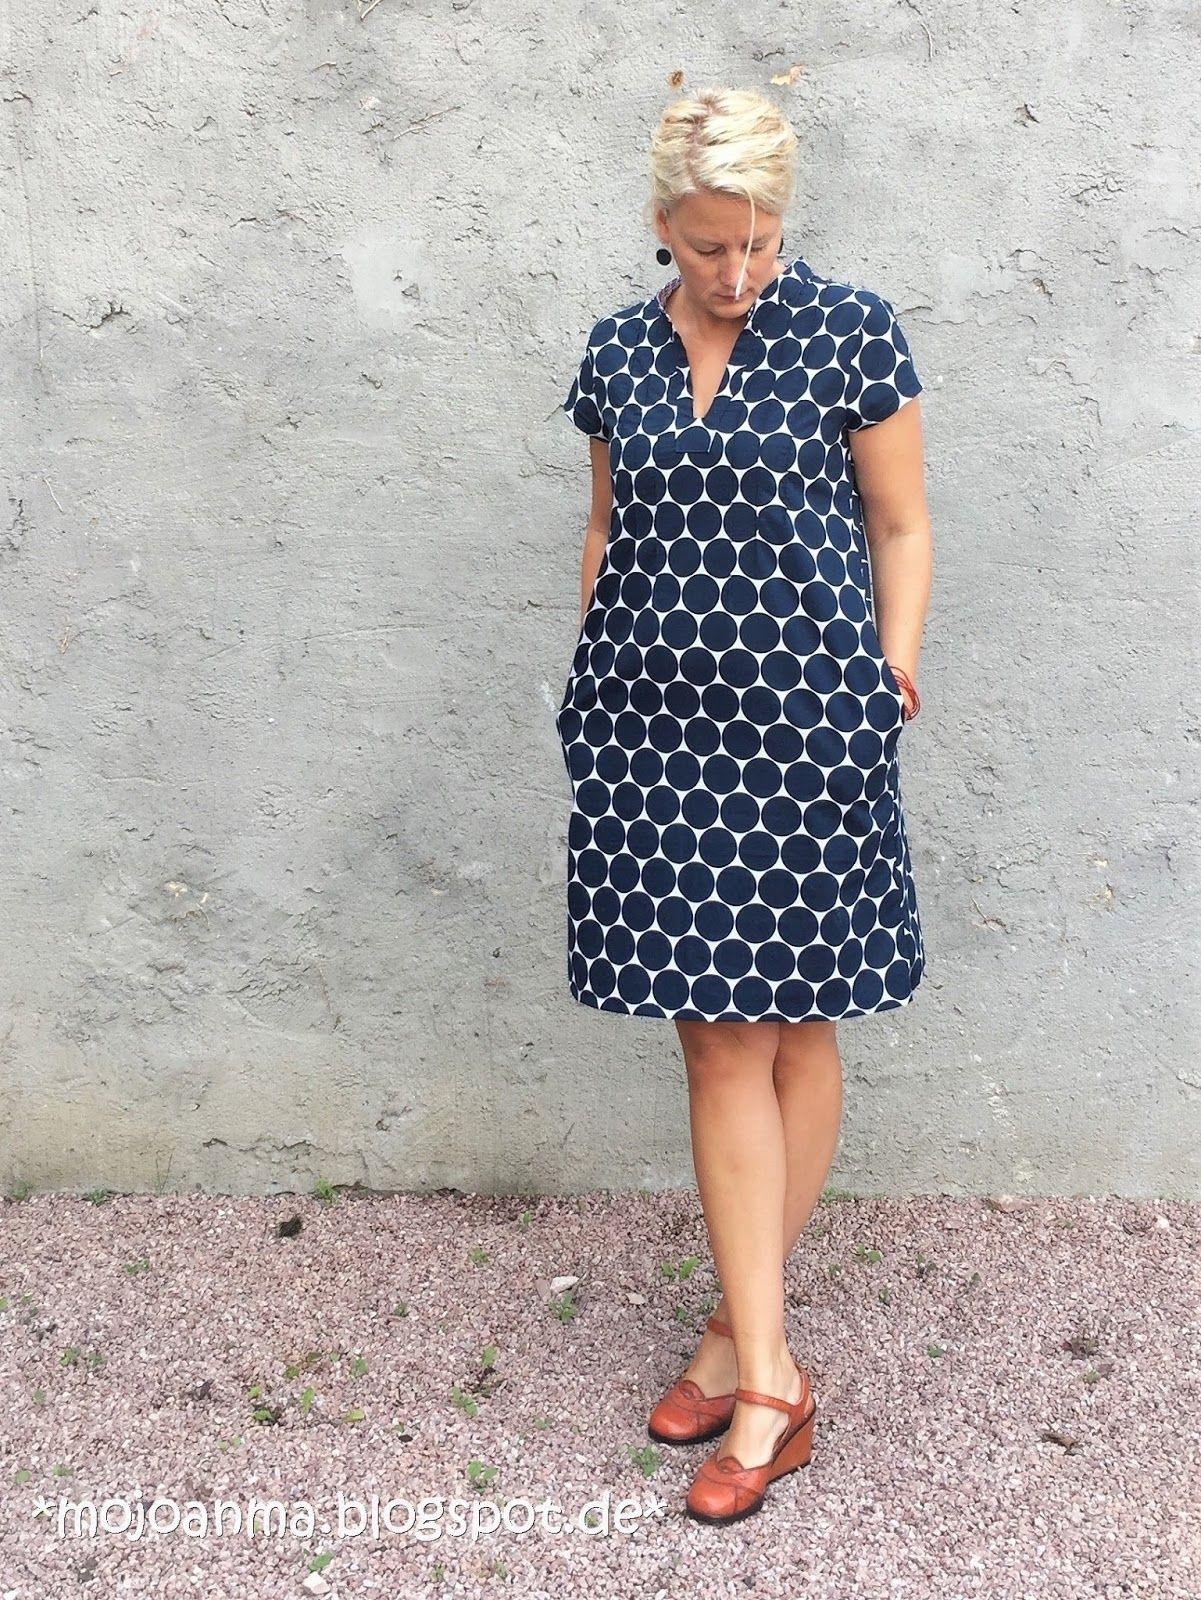 10 Einzigartig Sommerkleid Blau VertriebDesigner Schön Sommerkleid Blau Design